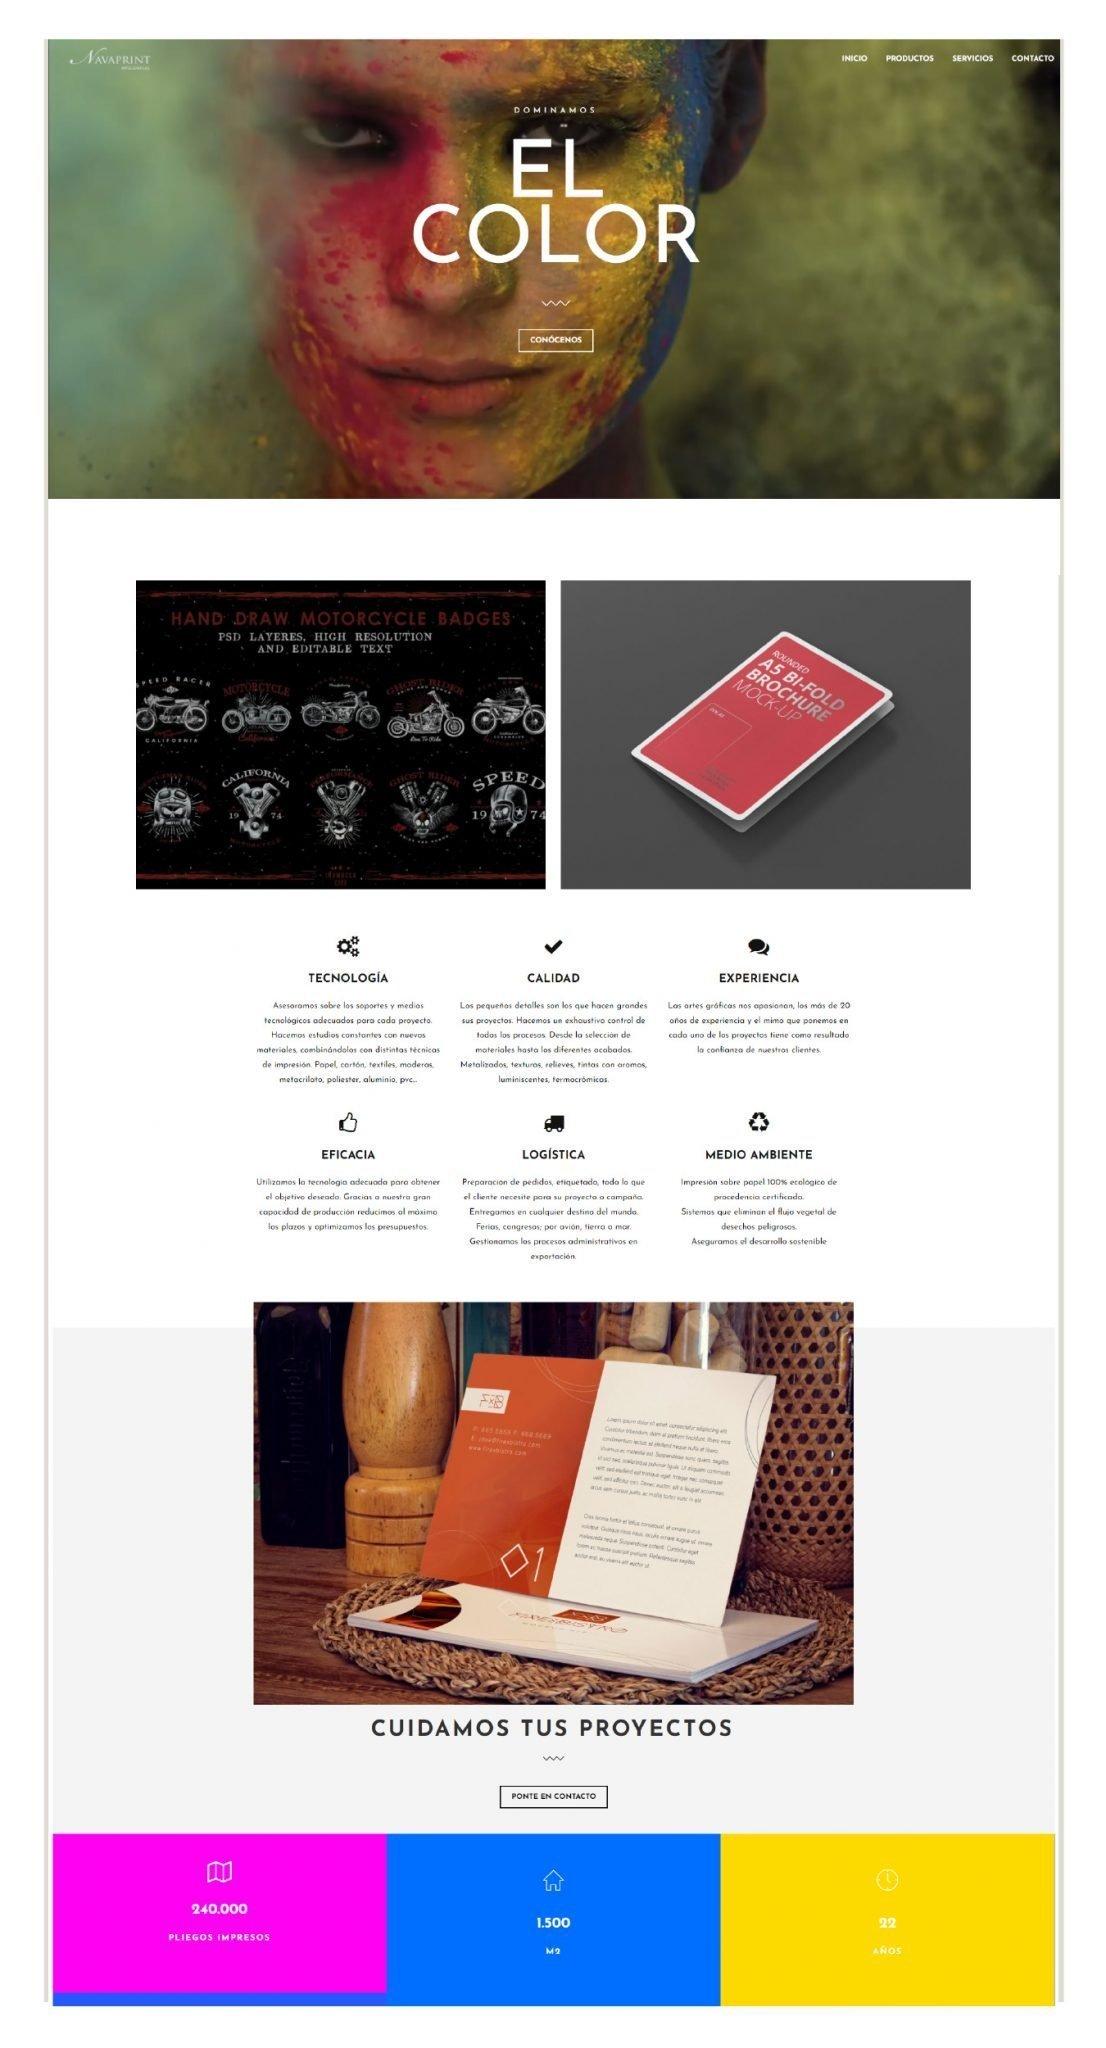 Diseño web y catálogos digitales. Estrategia SEO Pamplona